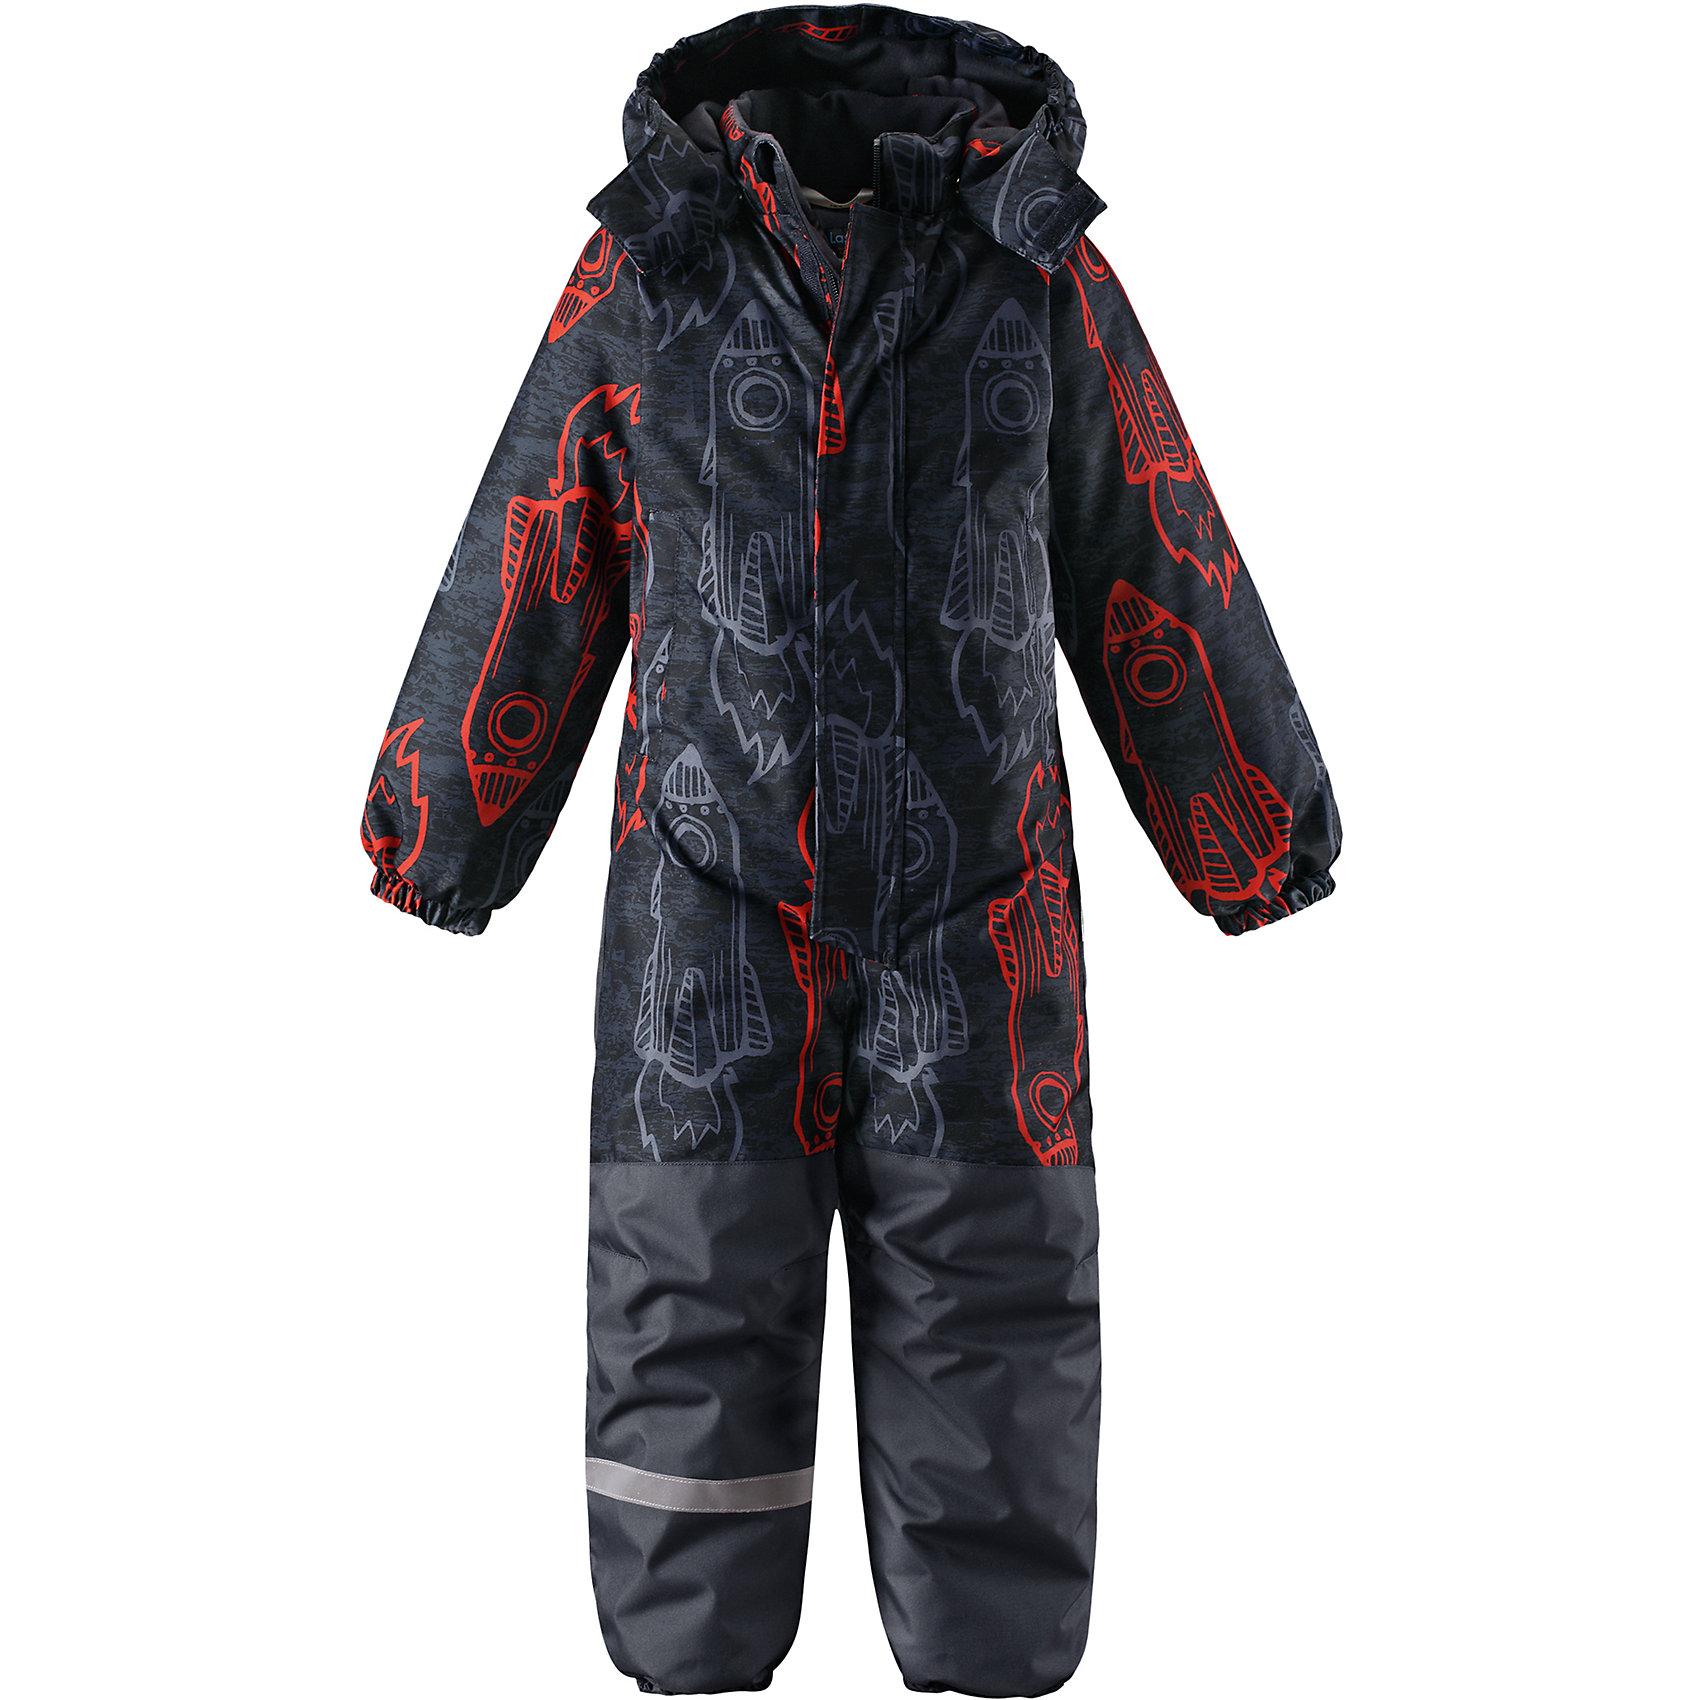 Комбинезон LassieОдежда<br>Характеристики товара:<br><br>• цвет: серый;<br>• состав: 100% полиэстер, полиуретановое покрытие;<br>• подкладка: 100% полиэстер;<br>• утеплитель: 180 г/м2;<br>• сезон: зима;<br>• температурный режим: от 0 до -20С;<br>• водонепроницаемость: 1000 мм;<br>• воздухопроницаемость: 1000 мм;<br>• износостойкость: 50000 циклов (тест Мартиндейла)<br>• застежка: молния с дополнительной защитной планкой;<br>• сверхпрочный материал;<br>• водоотталкивающий, ветронепроницаемый и дышащий материал;<br>• задний серединный шов проклеен;<br>• гладкая подкладка из полиэстера;<br>• безопасный съемный капюшон на кнопках; <br>• эластичная талия, манжеты рукавов и низ штанин;<br>• съемные эластичные штрипки;<br>• два прорезных кармана на липучке;<br>• светоотражающие детали;<br>• страна бренда: Финляндия;<br>• страна изготовитель: Китай;<br><br>Этот классический детский зимний комбинезон с капюшоном – превосходное дополнение к зимнему гардеробу! Он изготовлен из сверхпрочного материала и поэтому станет идеальным выбором для активных детей, которые любят играть на свежем воздухе. Съемный капюшон обеспечивает дополнительную безопасность и эффективно защищает щечки от морозного ветра, а съемные штрипки не дадут концам брючин задираться во время веселых игр на свежем воздухе. Обратите внимание: комбинезон снабжен удобным карманом на липучке.<br><br>Комбинезон Lassie (Ласси) можно купить в нашем интернет-магазине.<br><br>Ширина мм: 356<br>Глубина мм: 10<br>Высота мм: 245<br>Вес г: 519<br>Цвет: оранжевый<br>Возраст от месяцев: 84<br>Возраст до месяцев: 96<br>Пол: Унисекс<br>Возраст: Детский<br>Размер: 128,92,98,104,110,116,122<br>SKU: 6927311